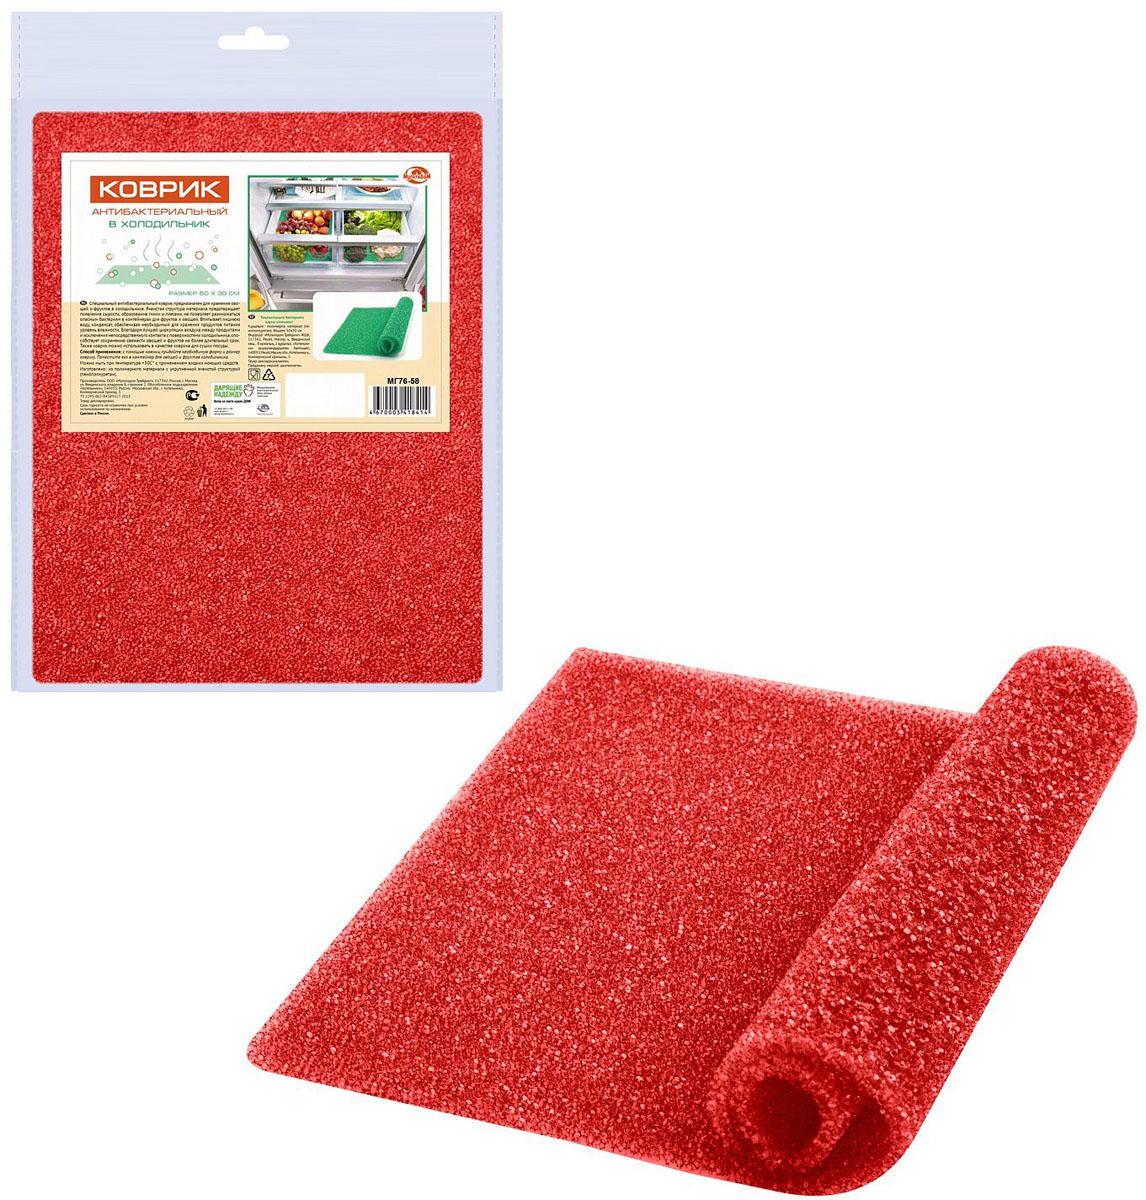 Коврик в холодильник Мультидом, цвет: красный, 50 х 33 смМГ76-58Специальный антибактериальный коврик Мультидом предназначен для хранения овощей ифруктов в холодильнике. Ячеистая структура материала предотвращает появление сырости,образование гнили и плесени, не позволяет размножаться опасным бактериям в контейнерах дляфруктов и овощей. Впитывает лишнюю воду, конденсат, обеспечивая необходимый для храненияпродуктов питания уровень влажности. Благодаря лучшей циркуляции воздуха между продуктамии исключения непосредственного контакта с поверхностями холодильника, способствуетсохранению свежести овощей и фруктов на более длительный срок. Также коврик можноиспользовать в качестве коврика для сушки посуды. Можно мыть при температуре +30С° с применением жидких моющих средств. Размер: 50 х 33 см.